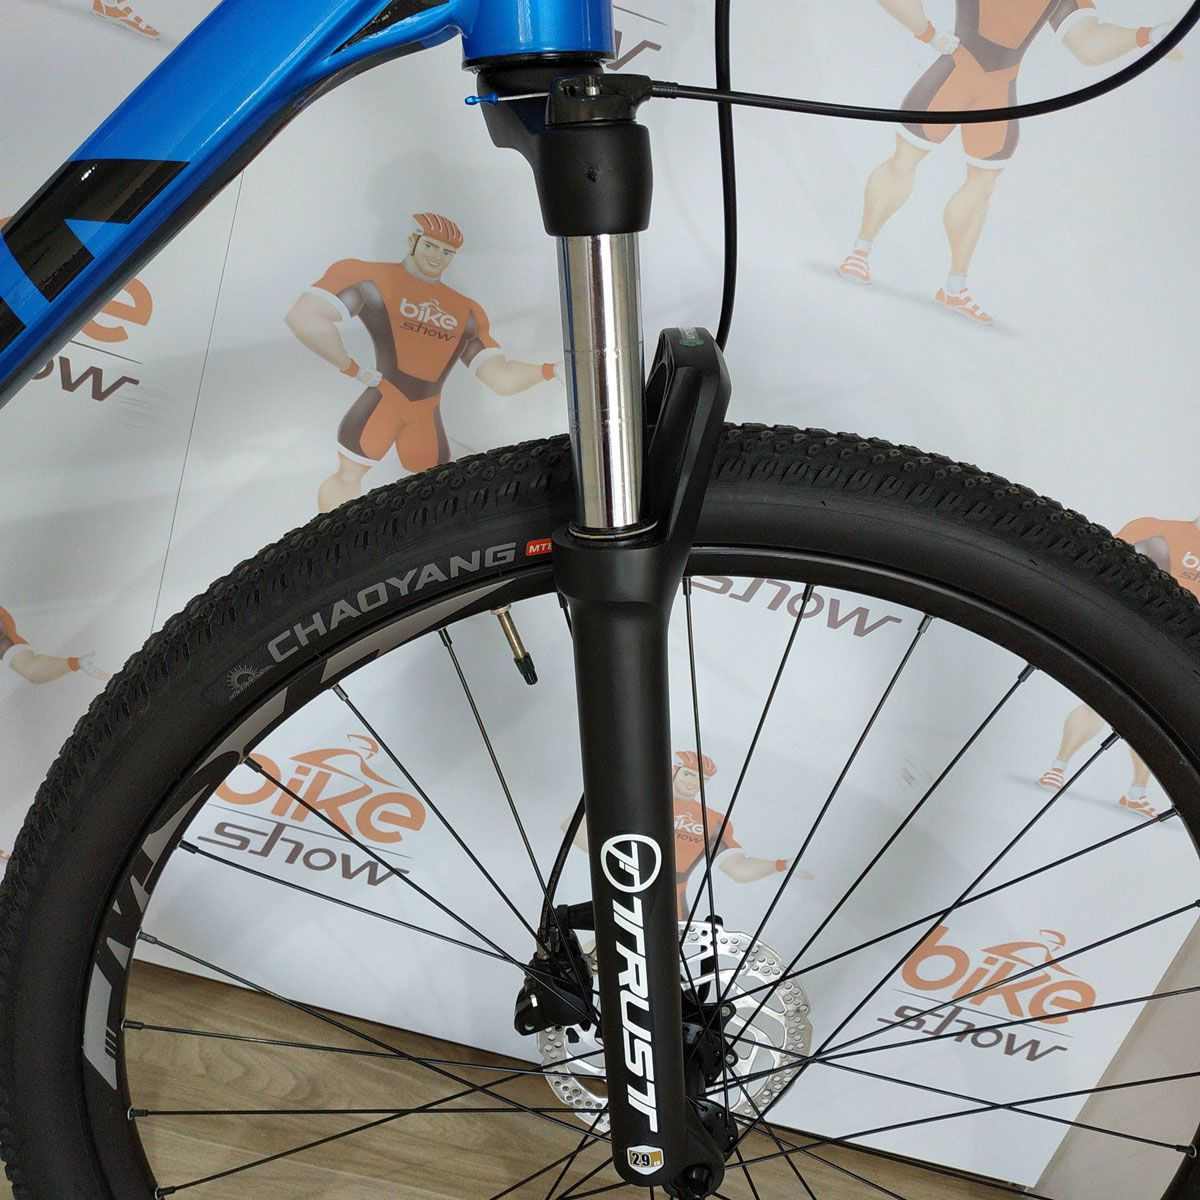 Bicicleta RAVA Cave 29 - 18v Shimano Alívio - Freio Shimano Hidráulico - PEQUENO ARRANHADO